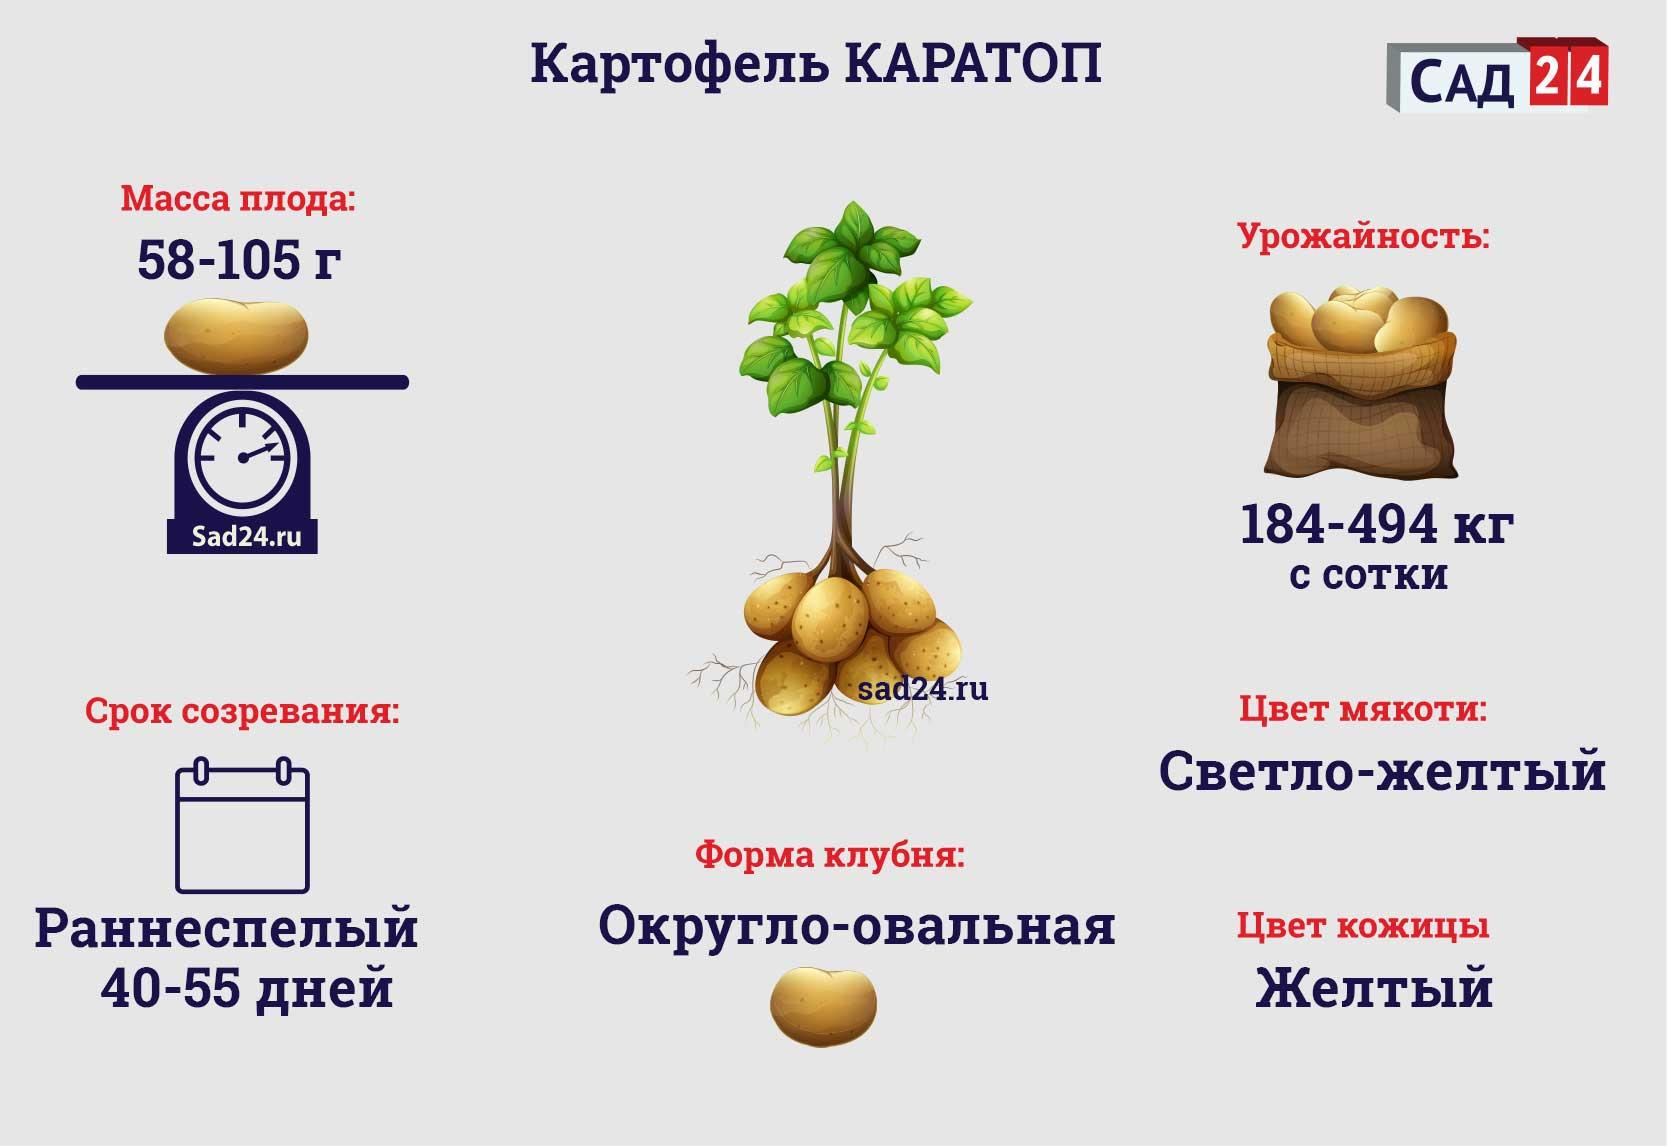 Каратоп - https://sad24.ru